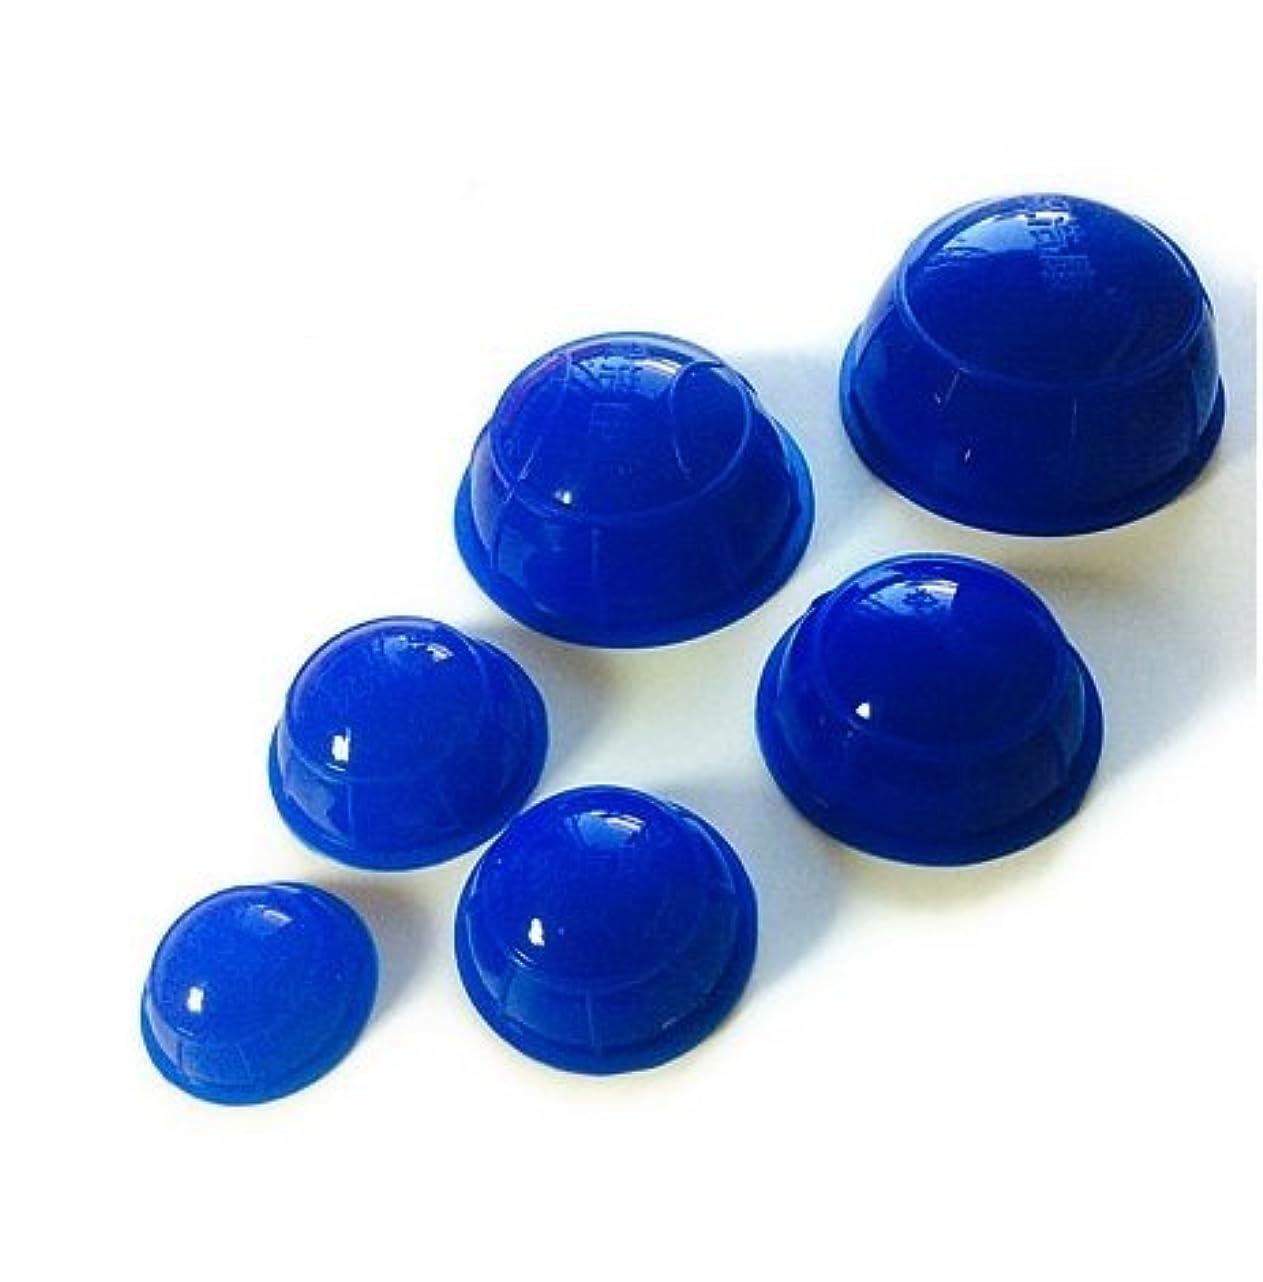 退却におい想像力豊かな簡易 吸い玉6個セット ブルー 大中小5種類の大きさ